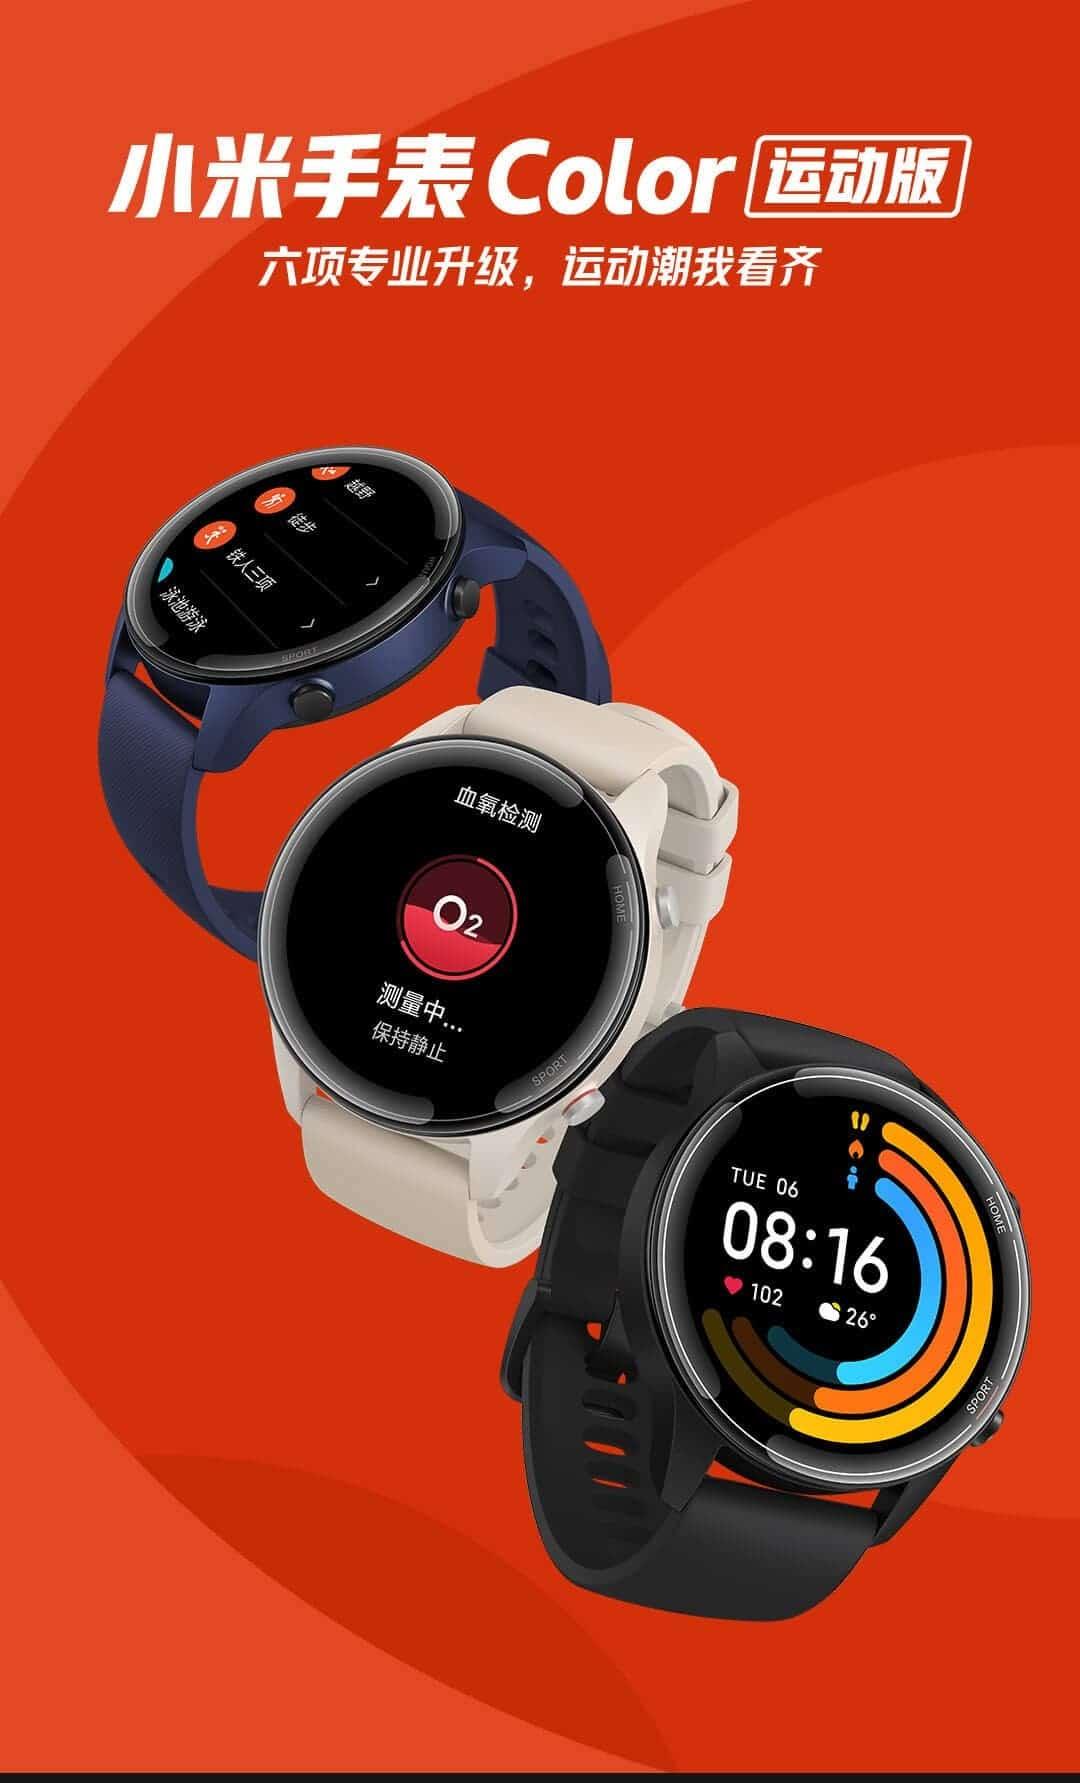 Xiaomi Mi Color Watch Sports Version